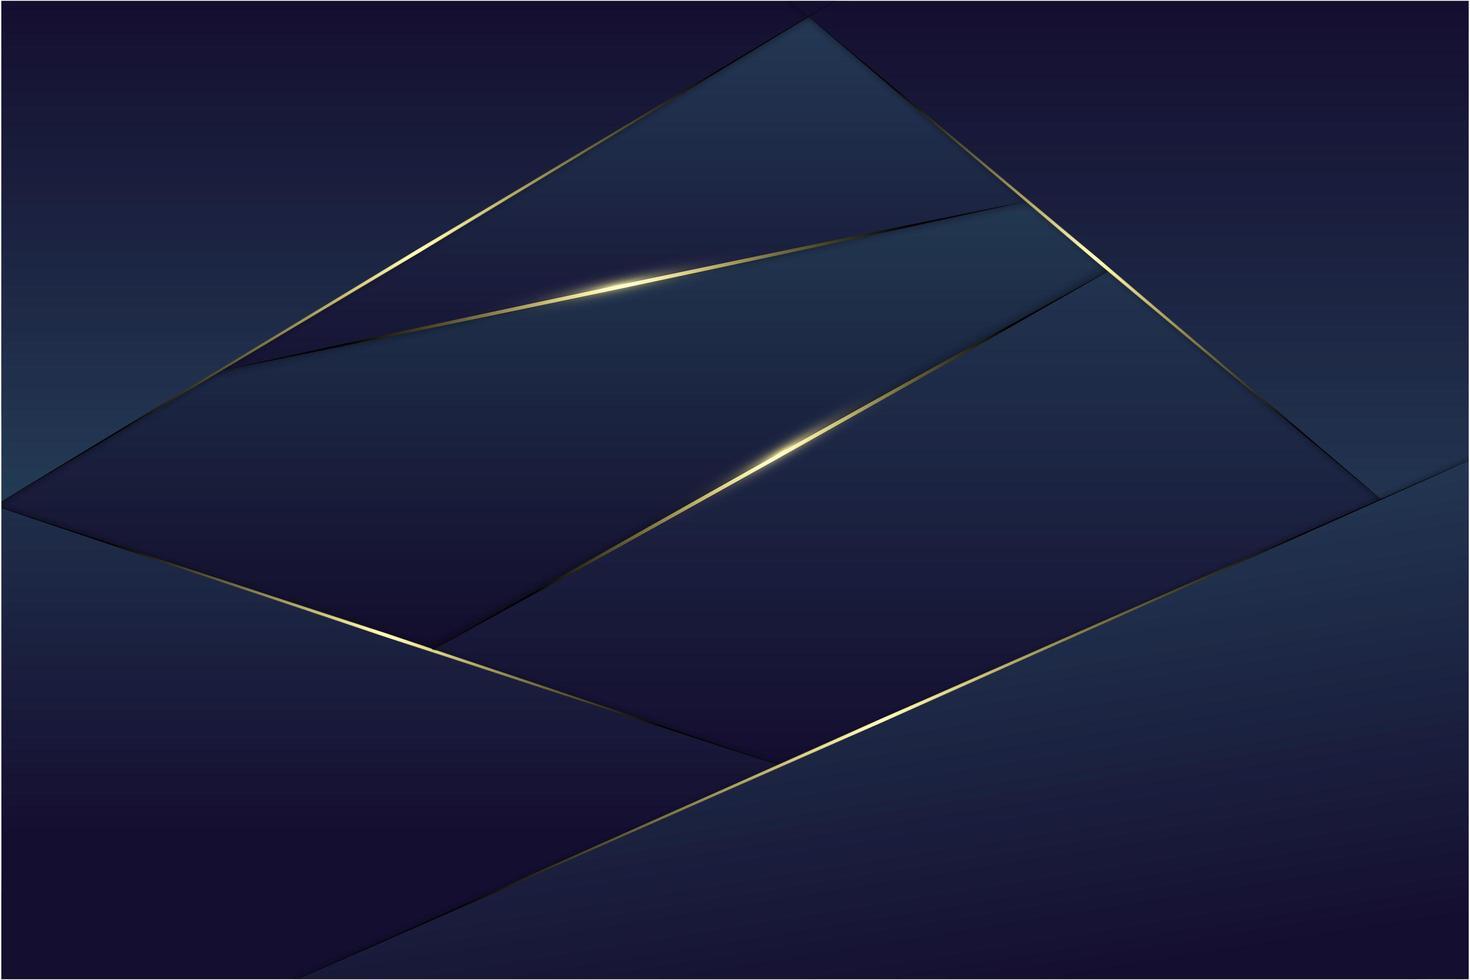 fond polygonale métallique bleu. vecteur